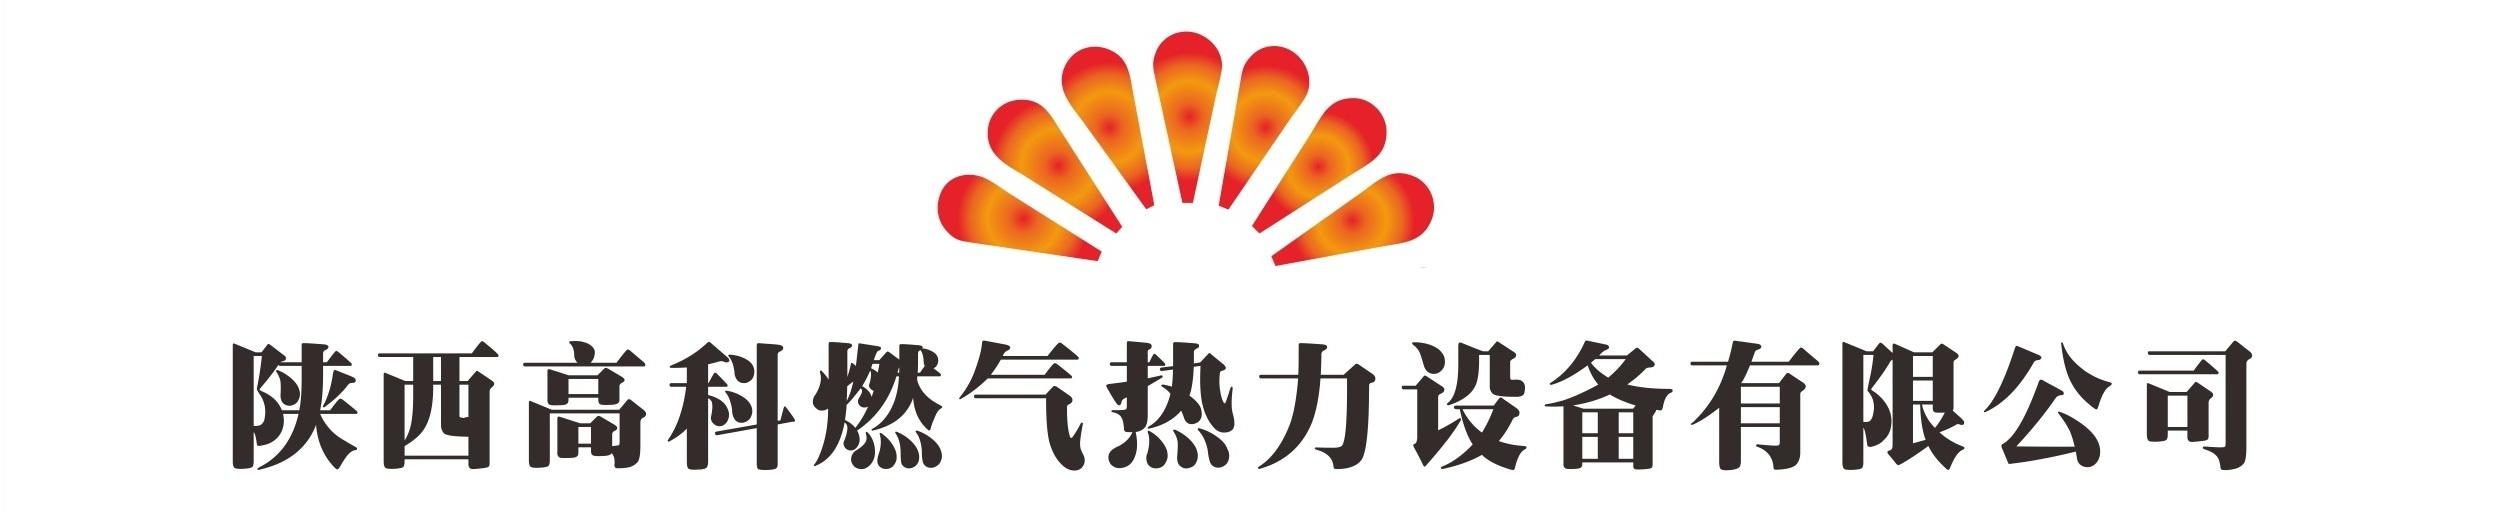 陕西高科燃气热力设备有限公司